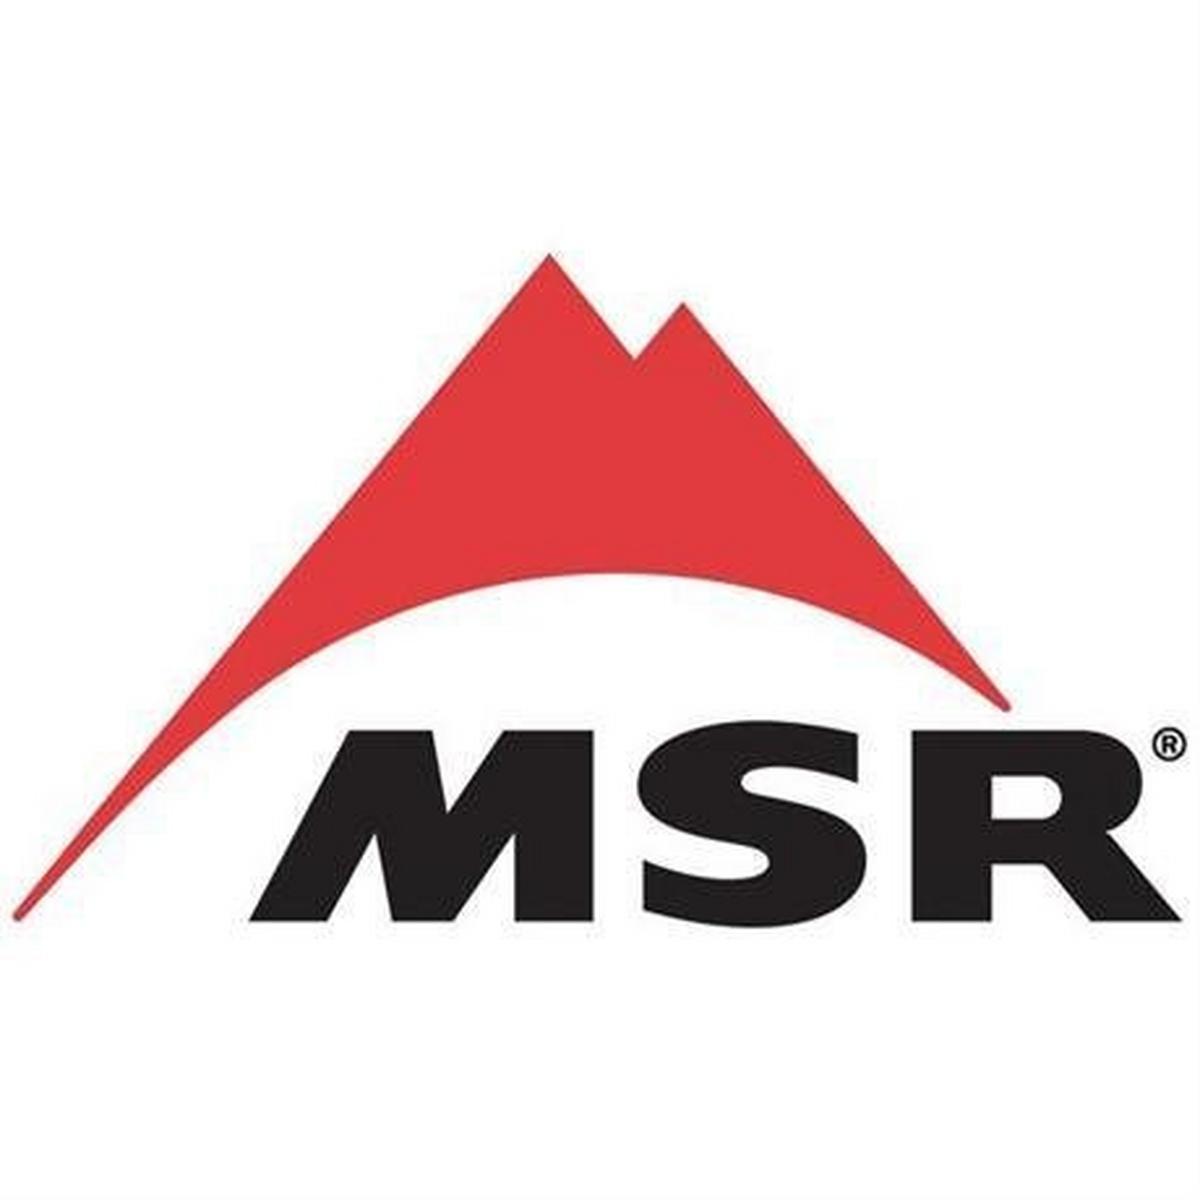 M.s.r. MSR Camping Stove WhisperLite International